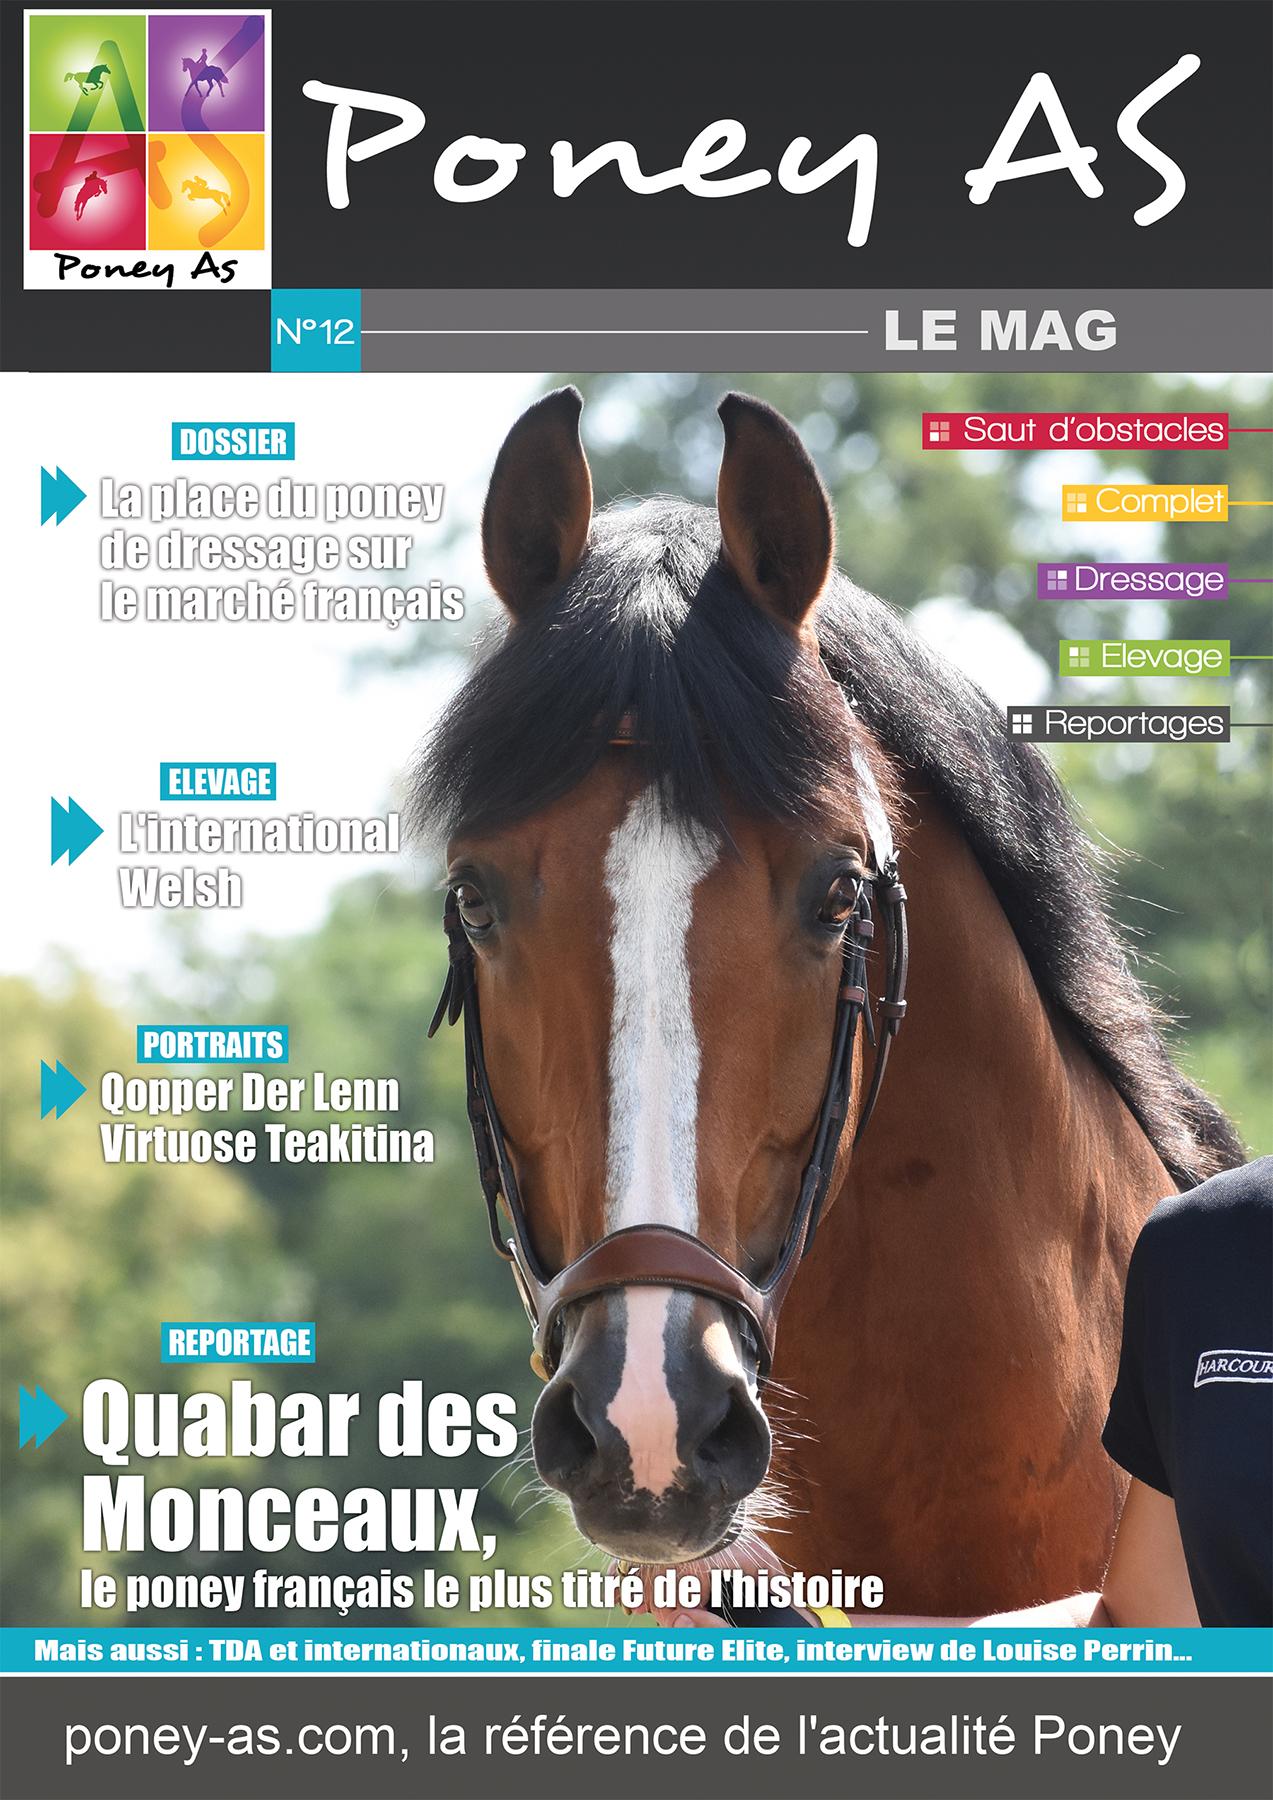 Sortie imminente de la nouvelle édition du Magazine Poney As !